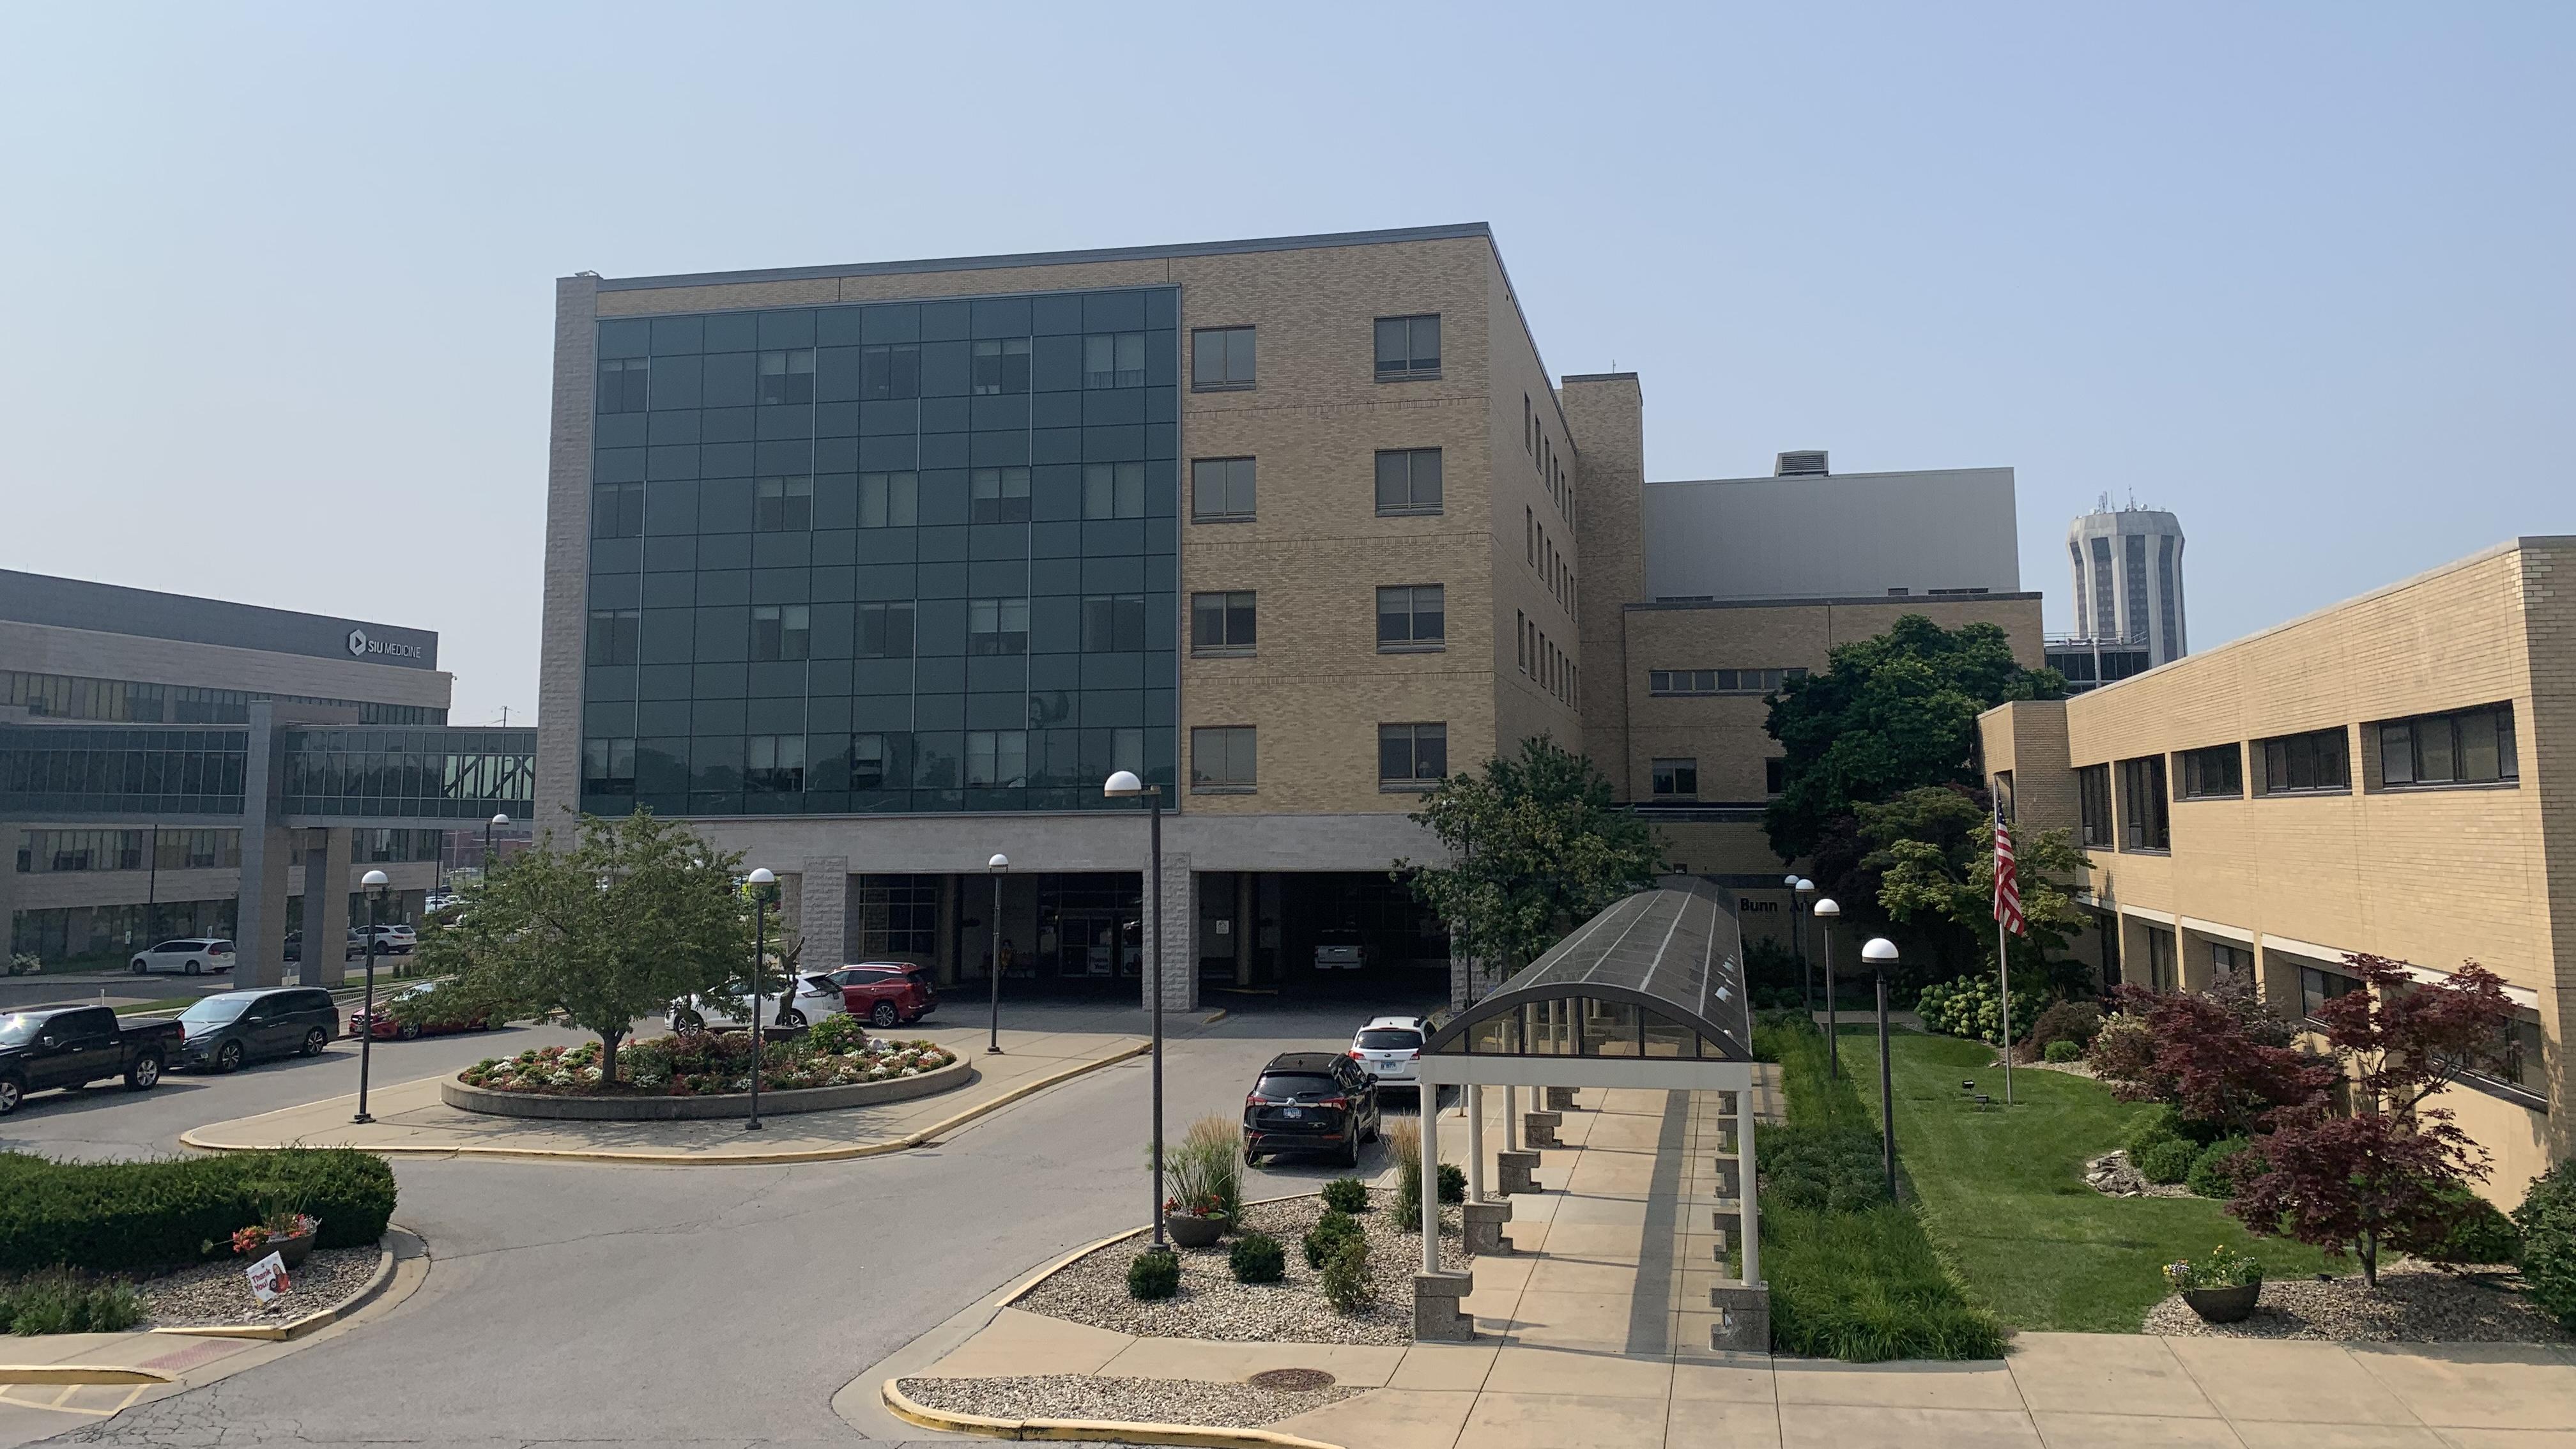 St. John's Children's Hospital